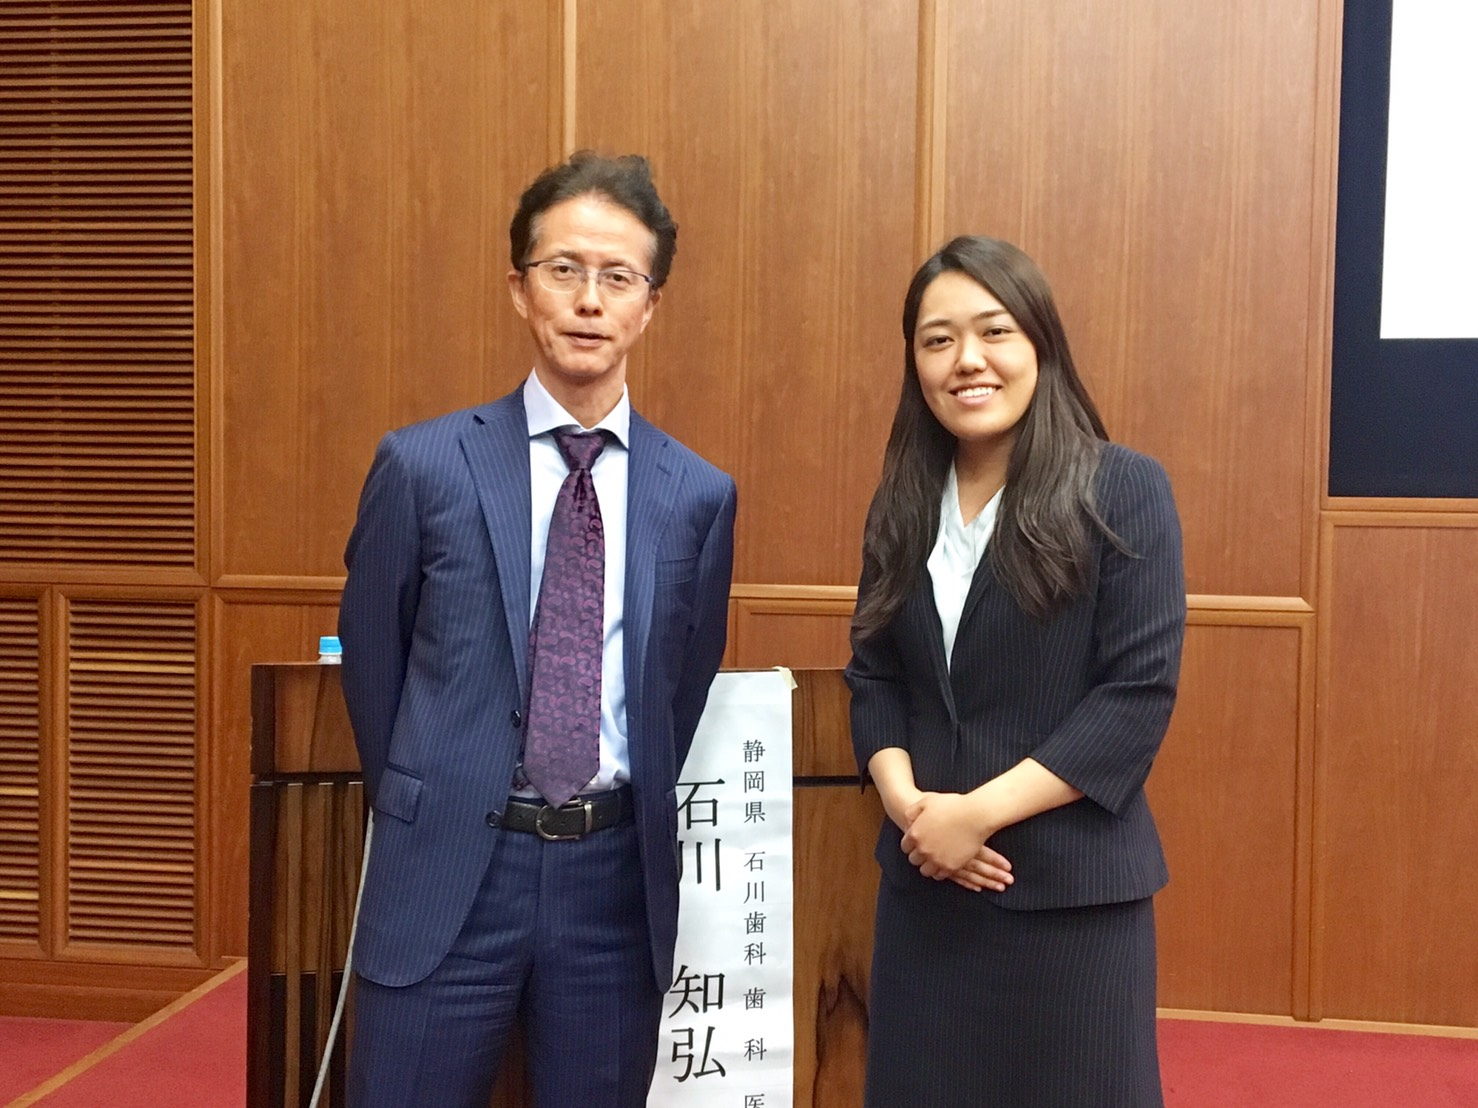 岡山県で開催された歯科衛生士の勉強会に参加しました